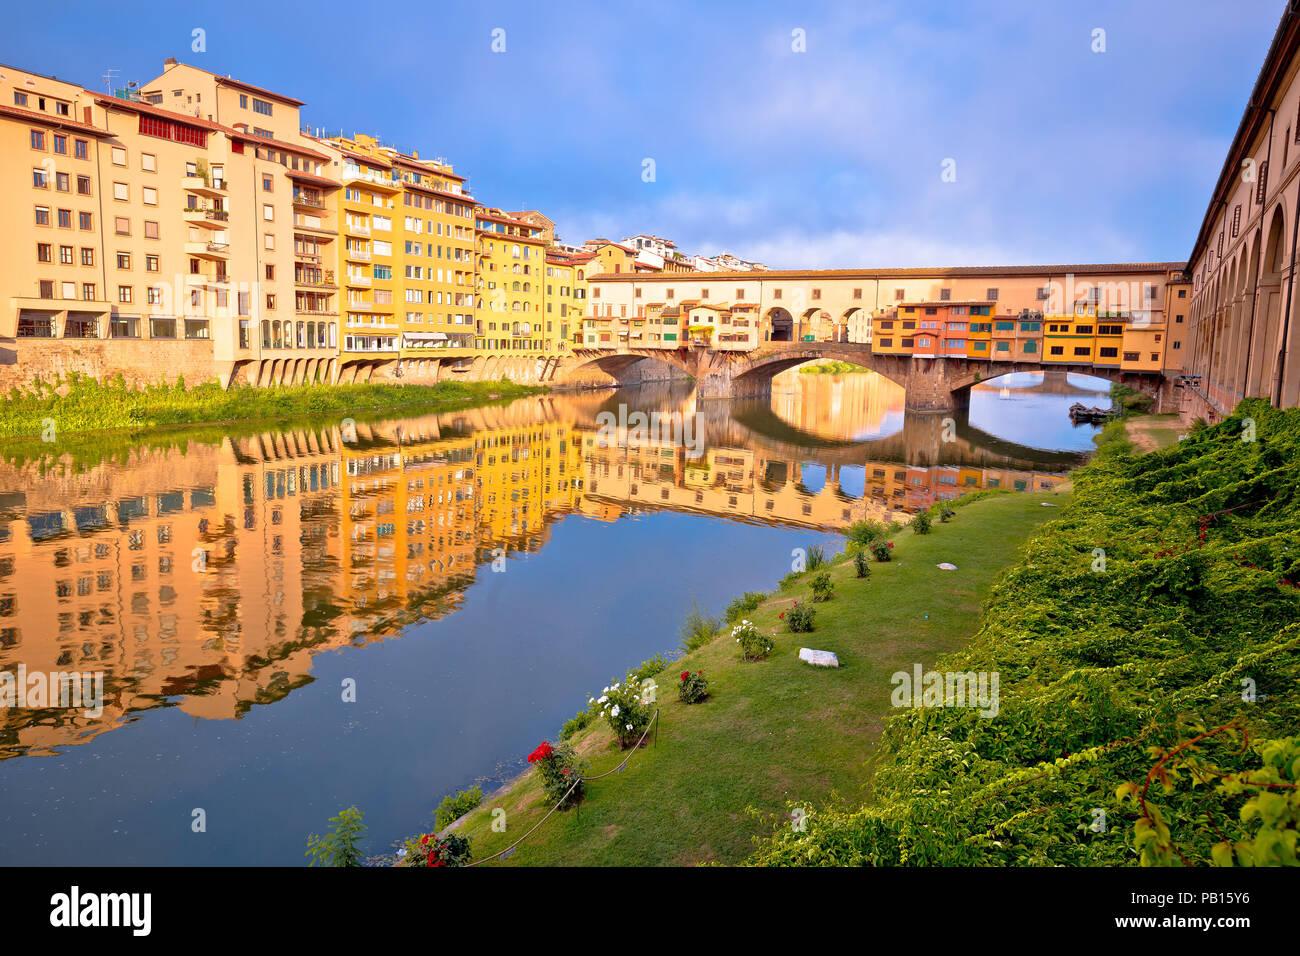 Le Ponte Vecchio et l'Arno waterfront de Florence vue, la région toscane de l'Italie Photo Stock